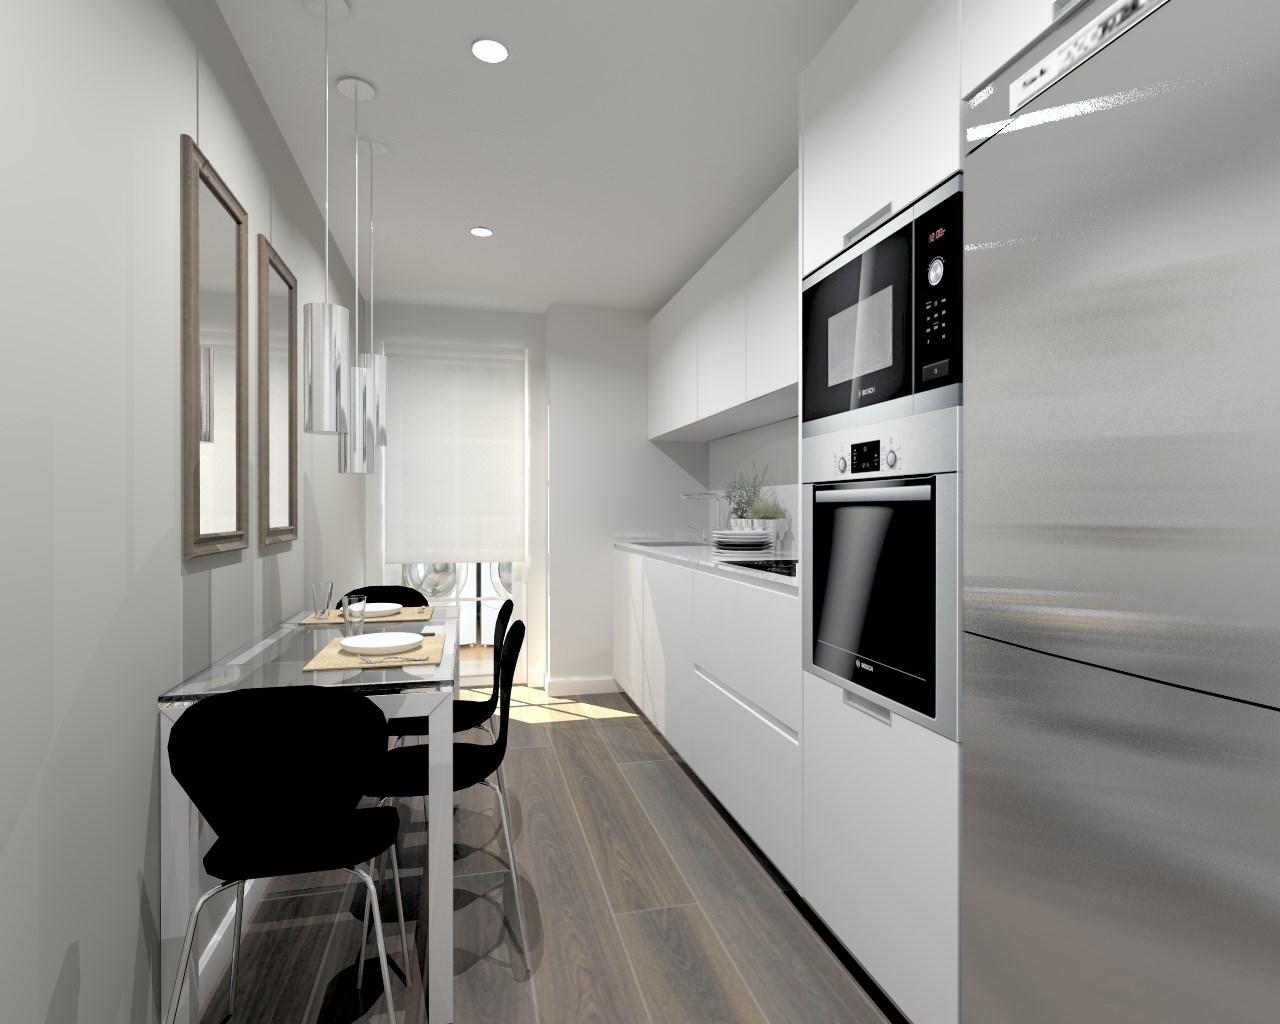 Cocina santos modelo line e blanco encimera silestone - Cocinas de silestone ...